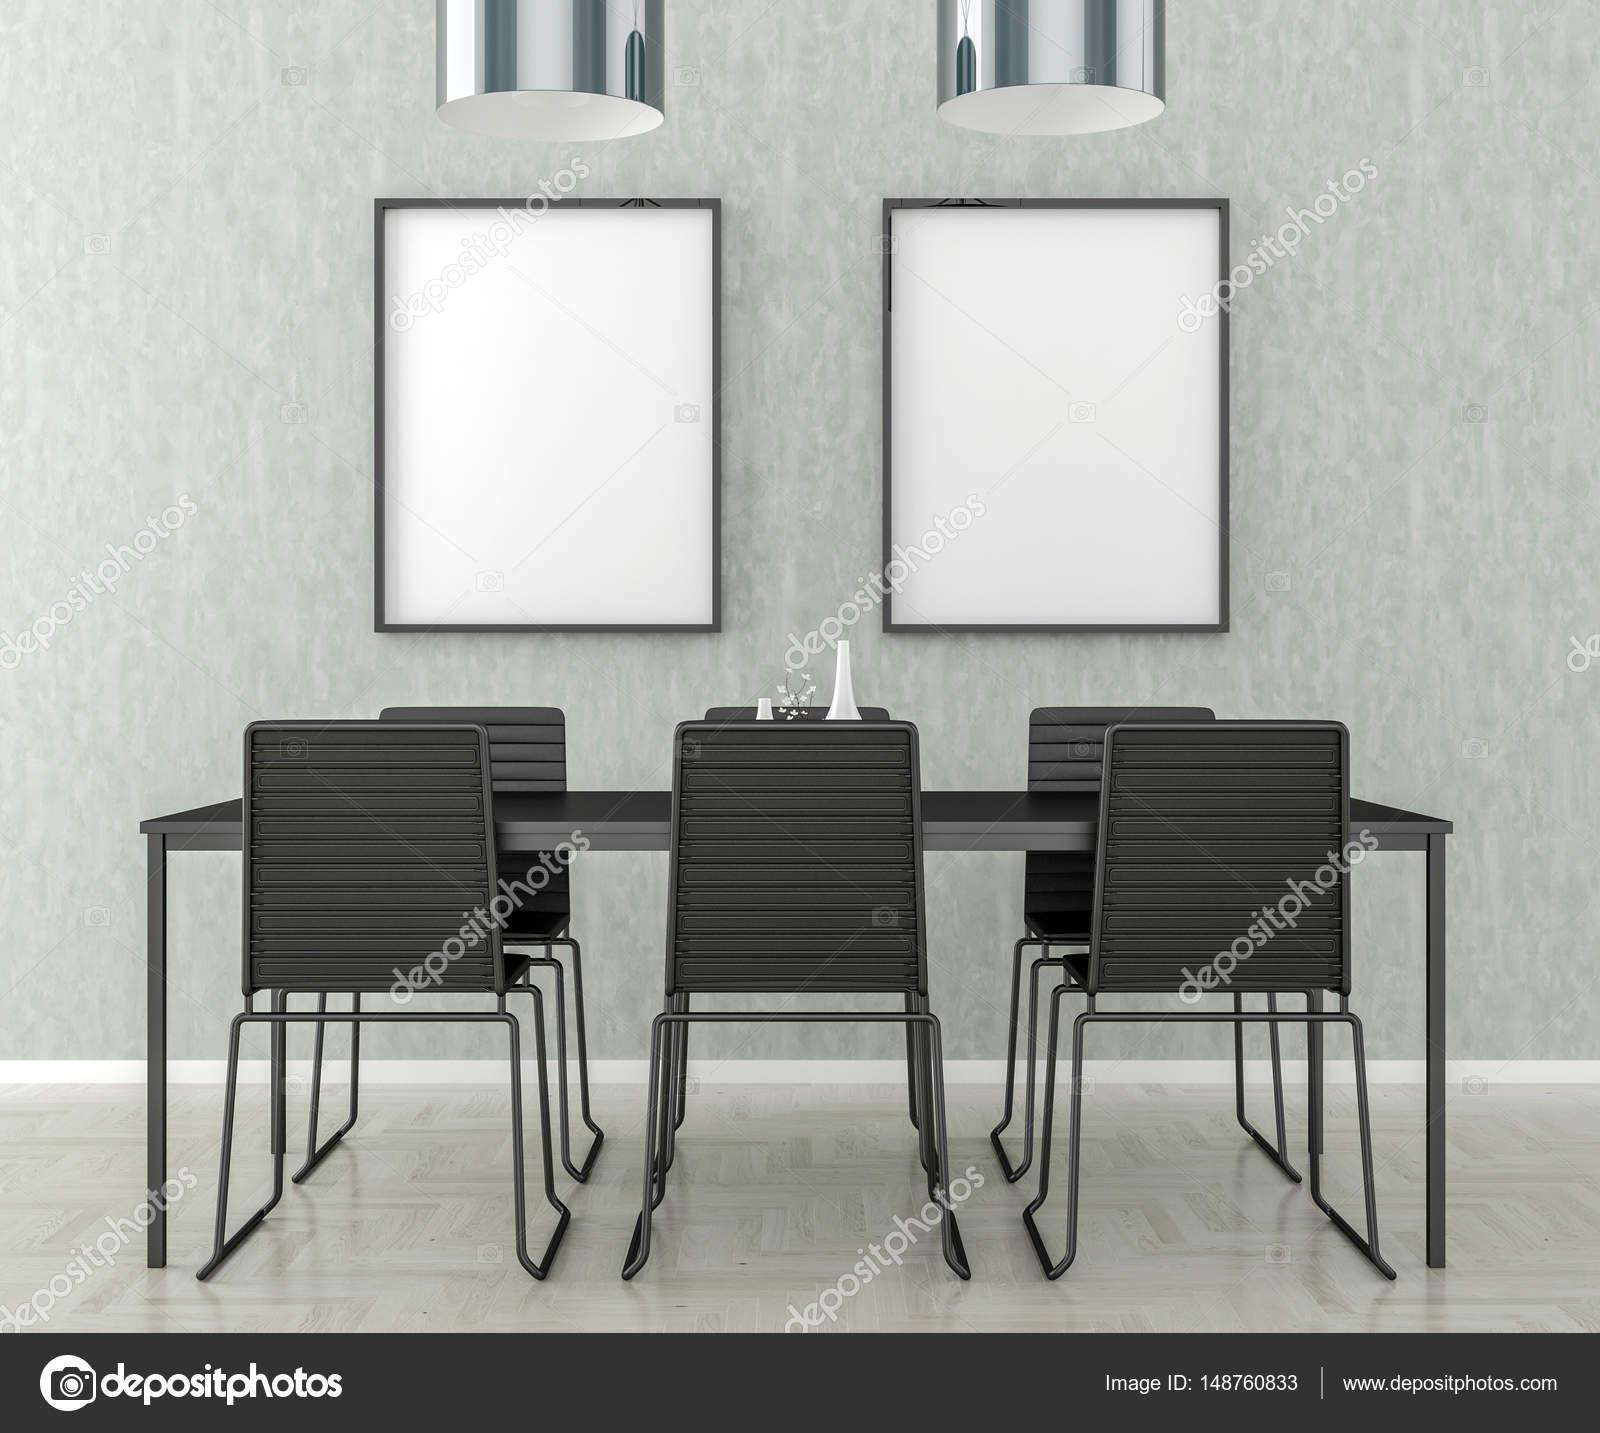 Küche, Tisch und Stühlen, leere Bilderrahmen an der Wand — Stockfoto ...